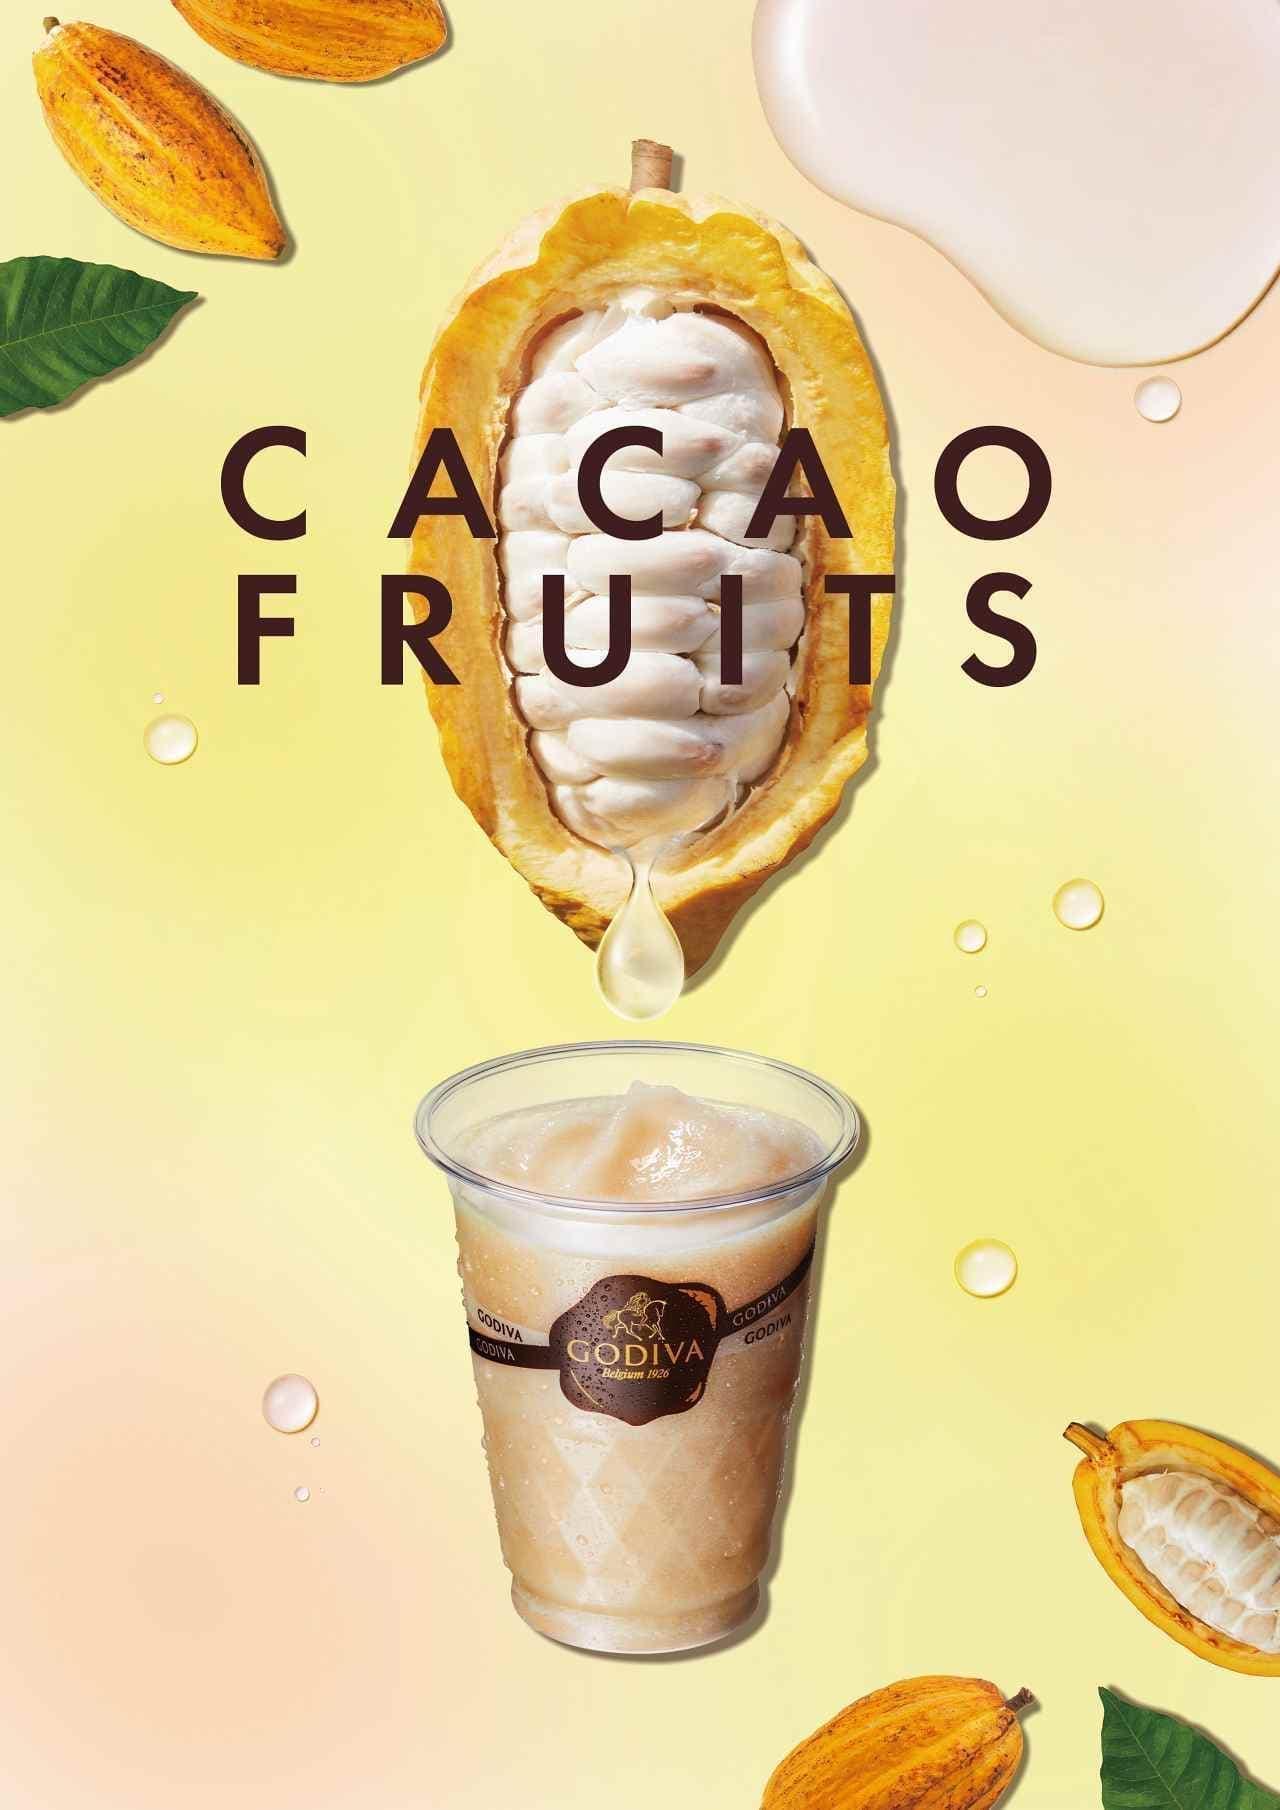 ゴディバの「カカオフルーツジュース」